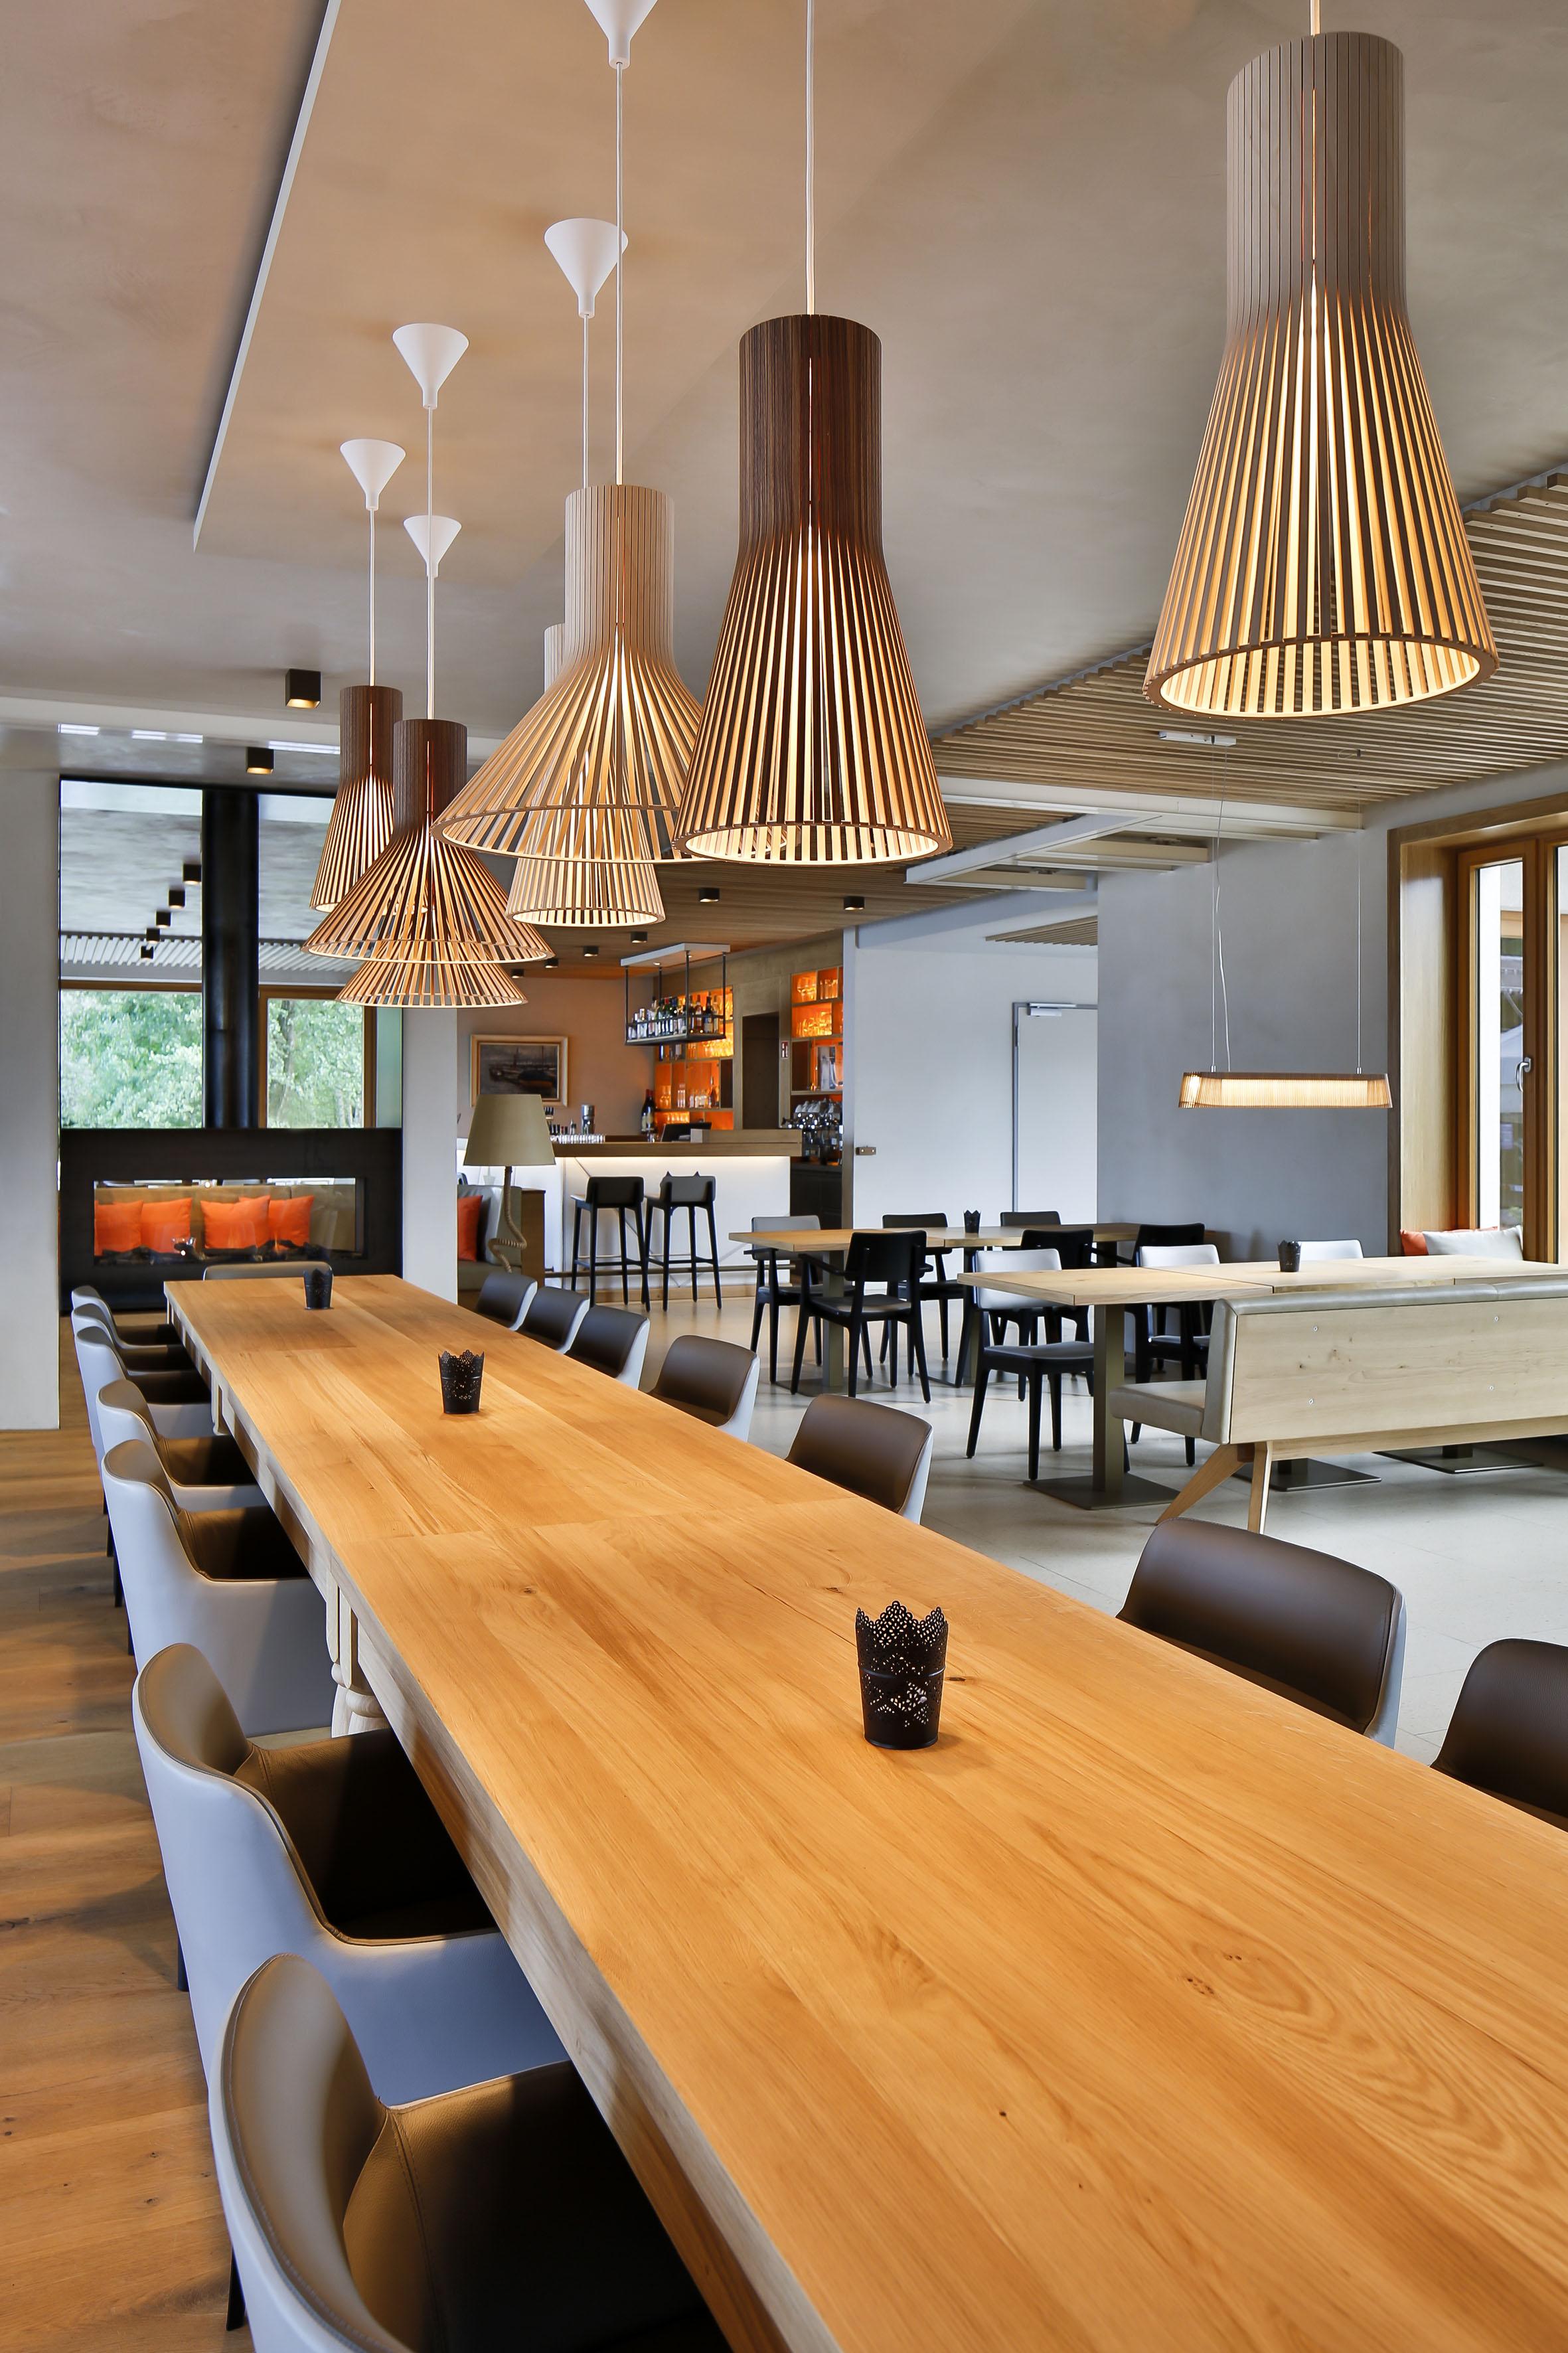 Yachtclub chiemsee muenchenarchitektur for Design hotel chiemsee